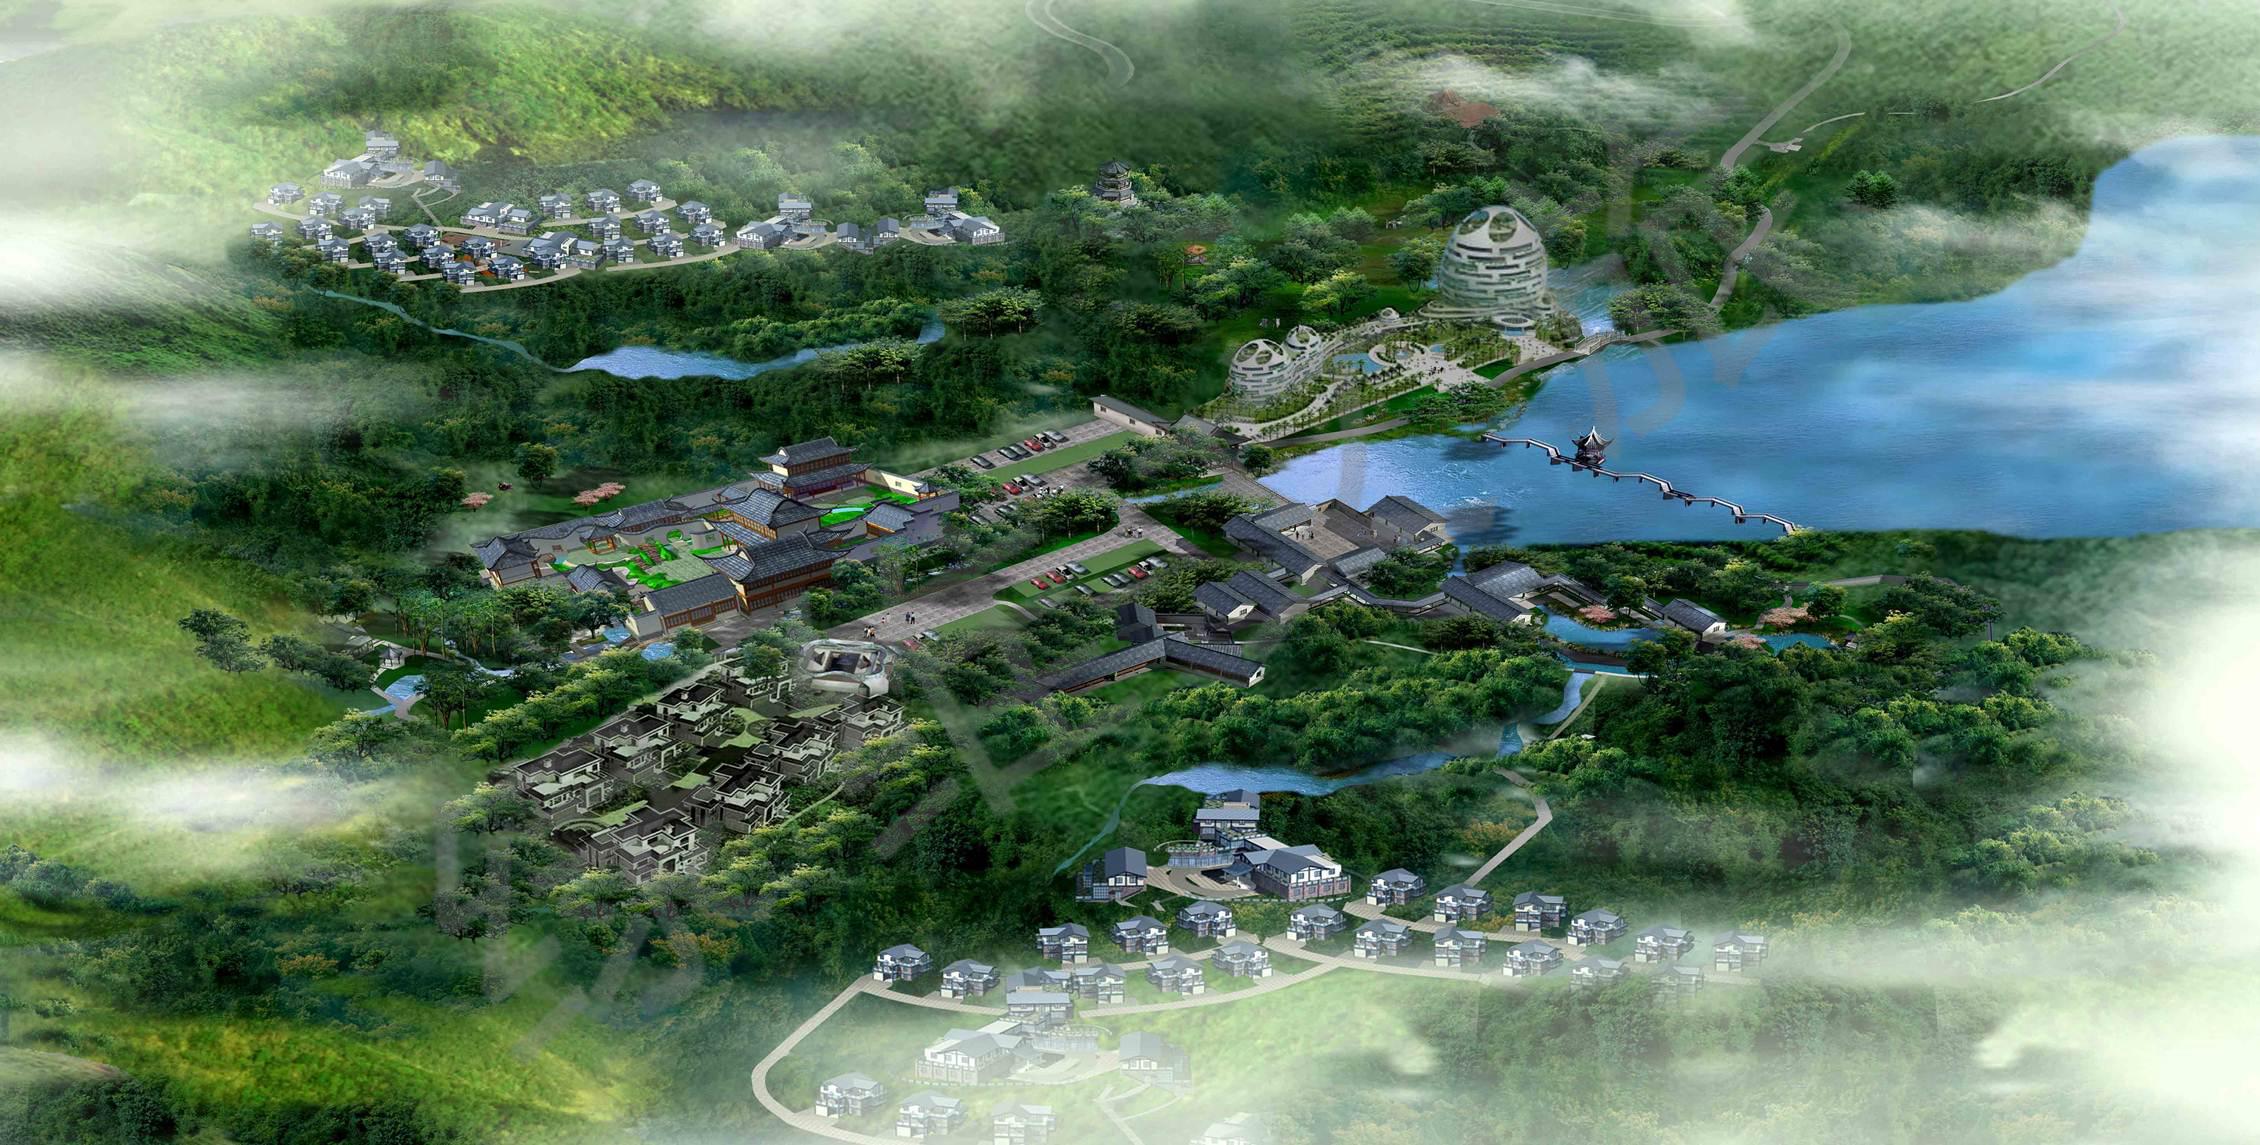 体育公园+酒店--旅游地产转型升级新